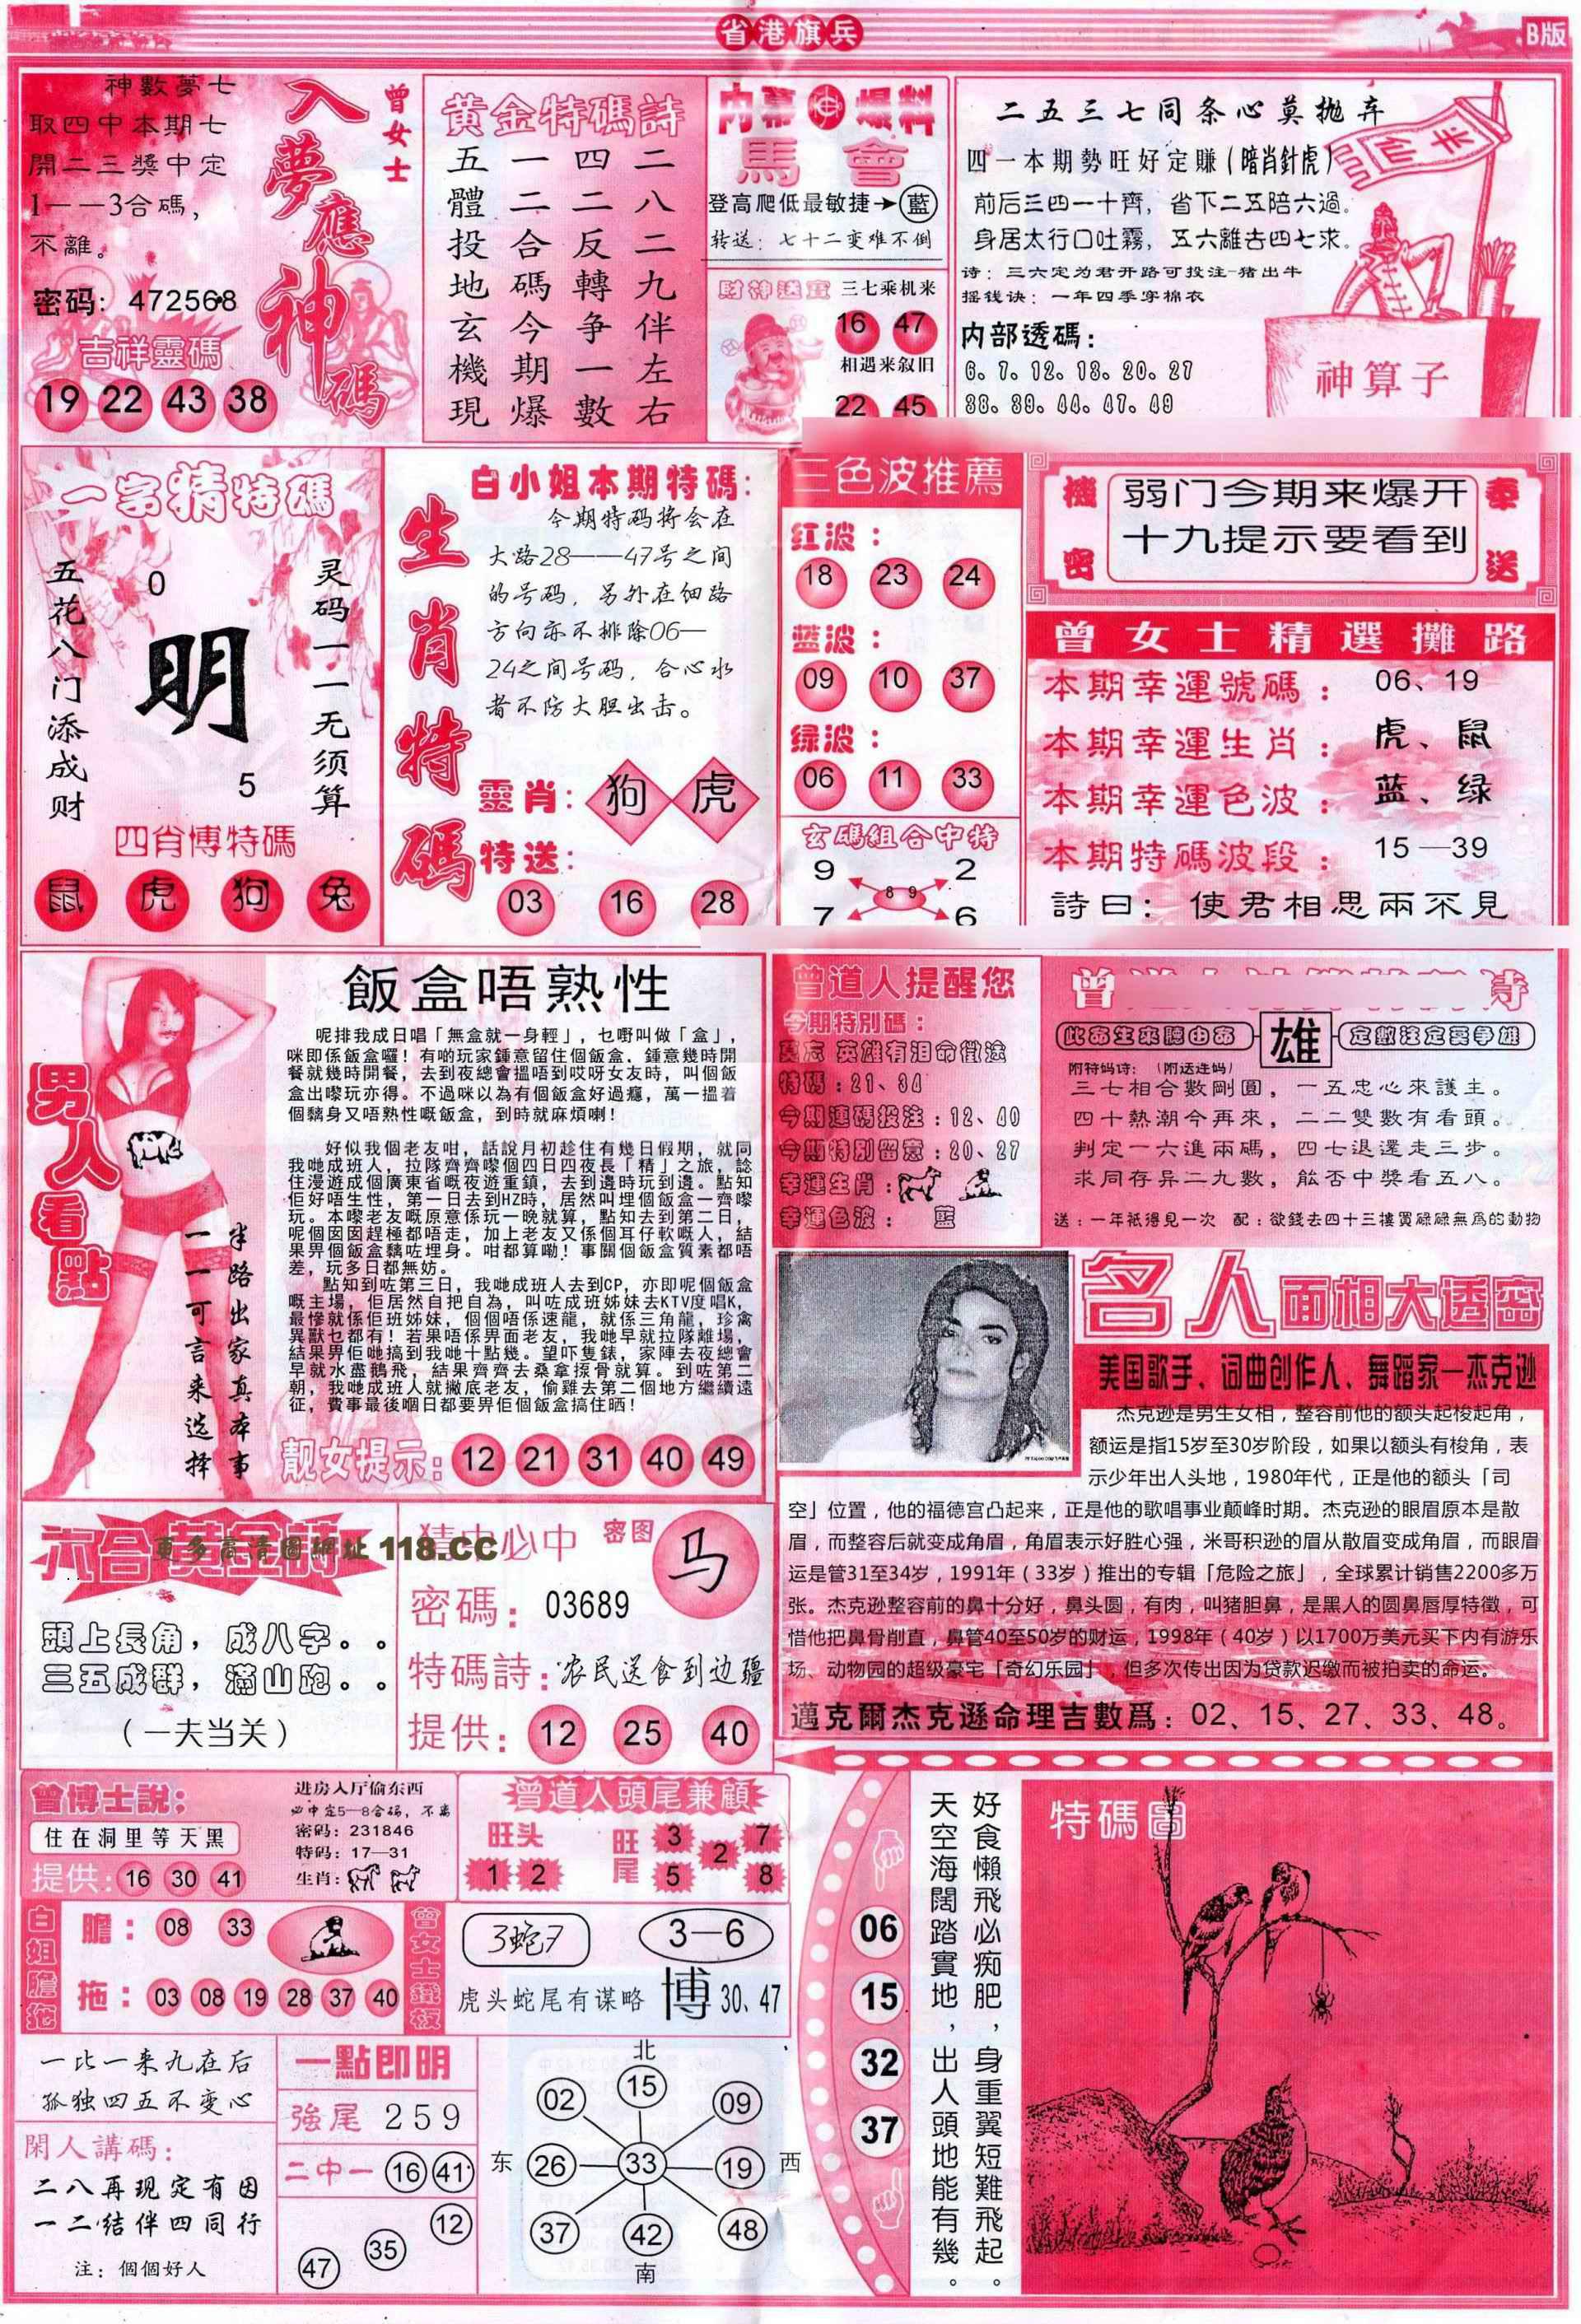 075期彩道B(保证香港版)